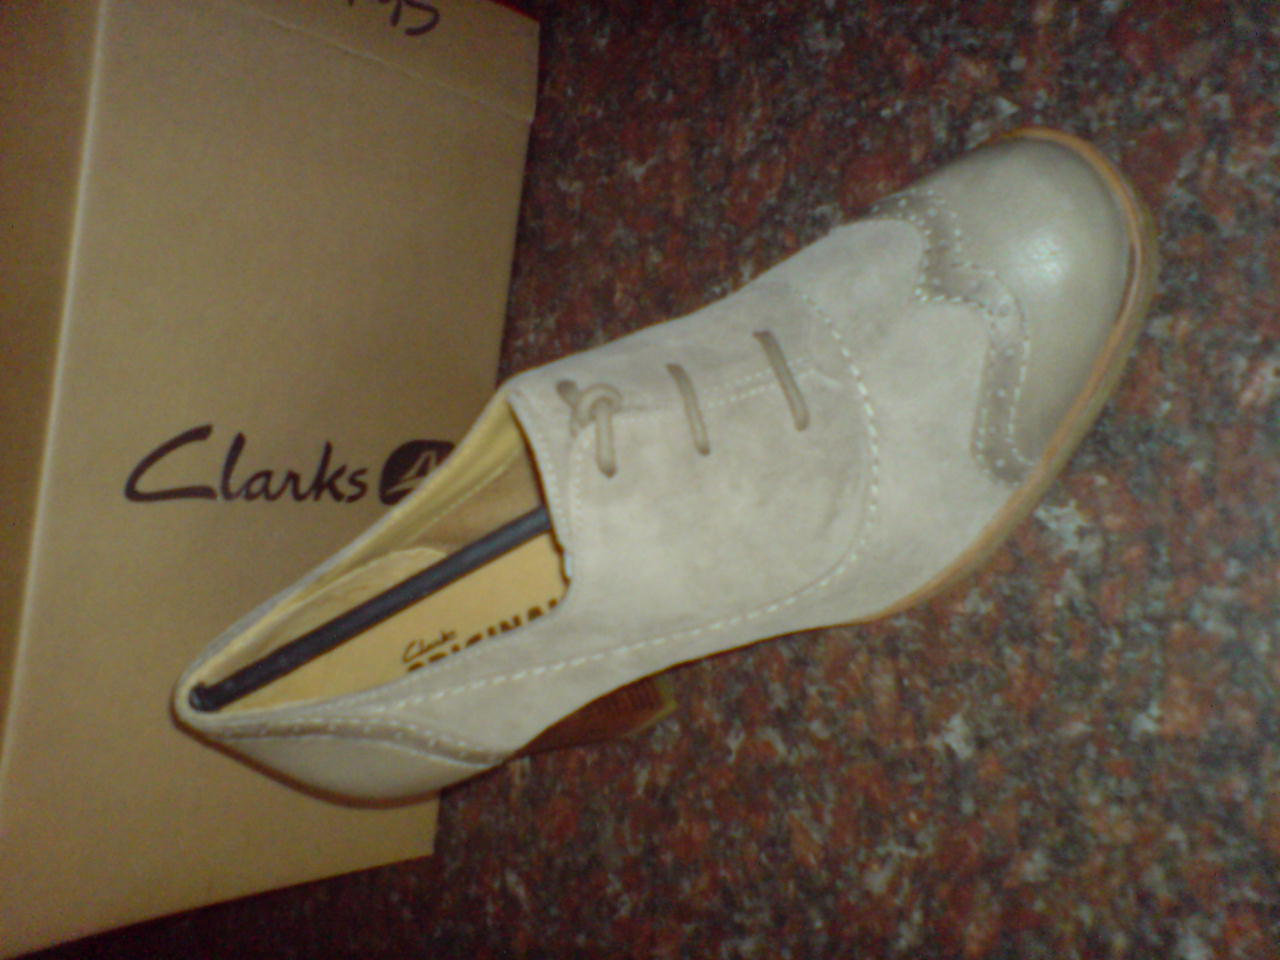 Clarks Original Damen Kitzi Spaß sand kombi Veloursleder UK 8/7.5